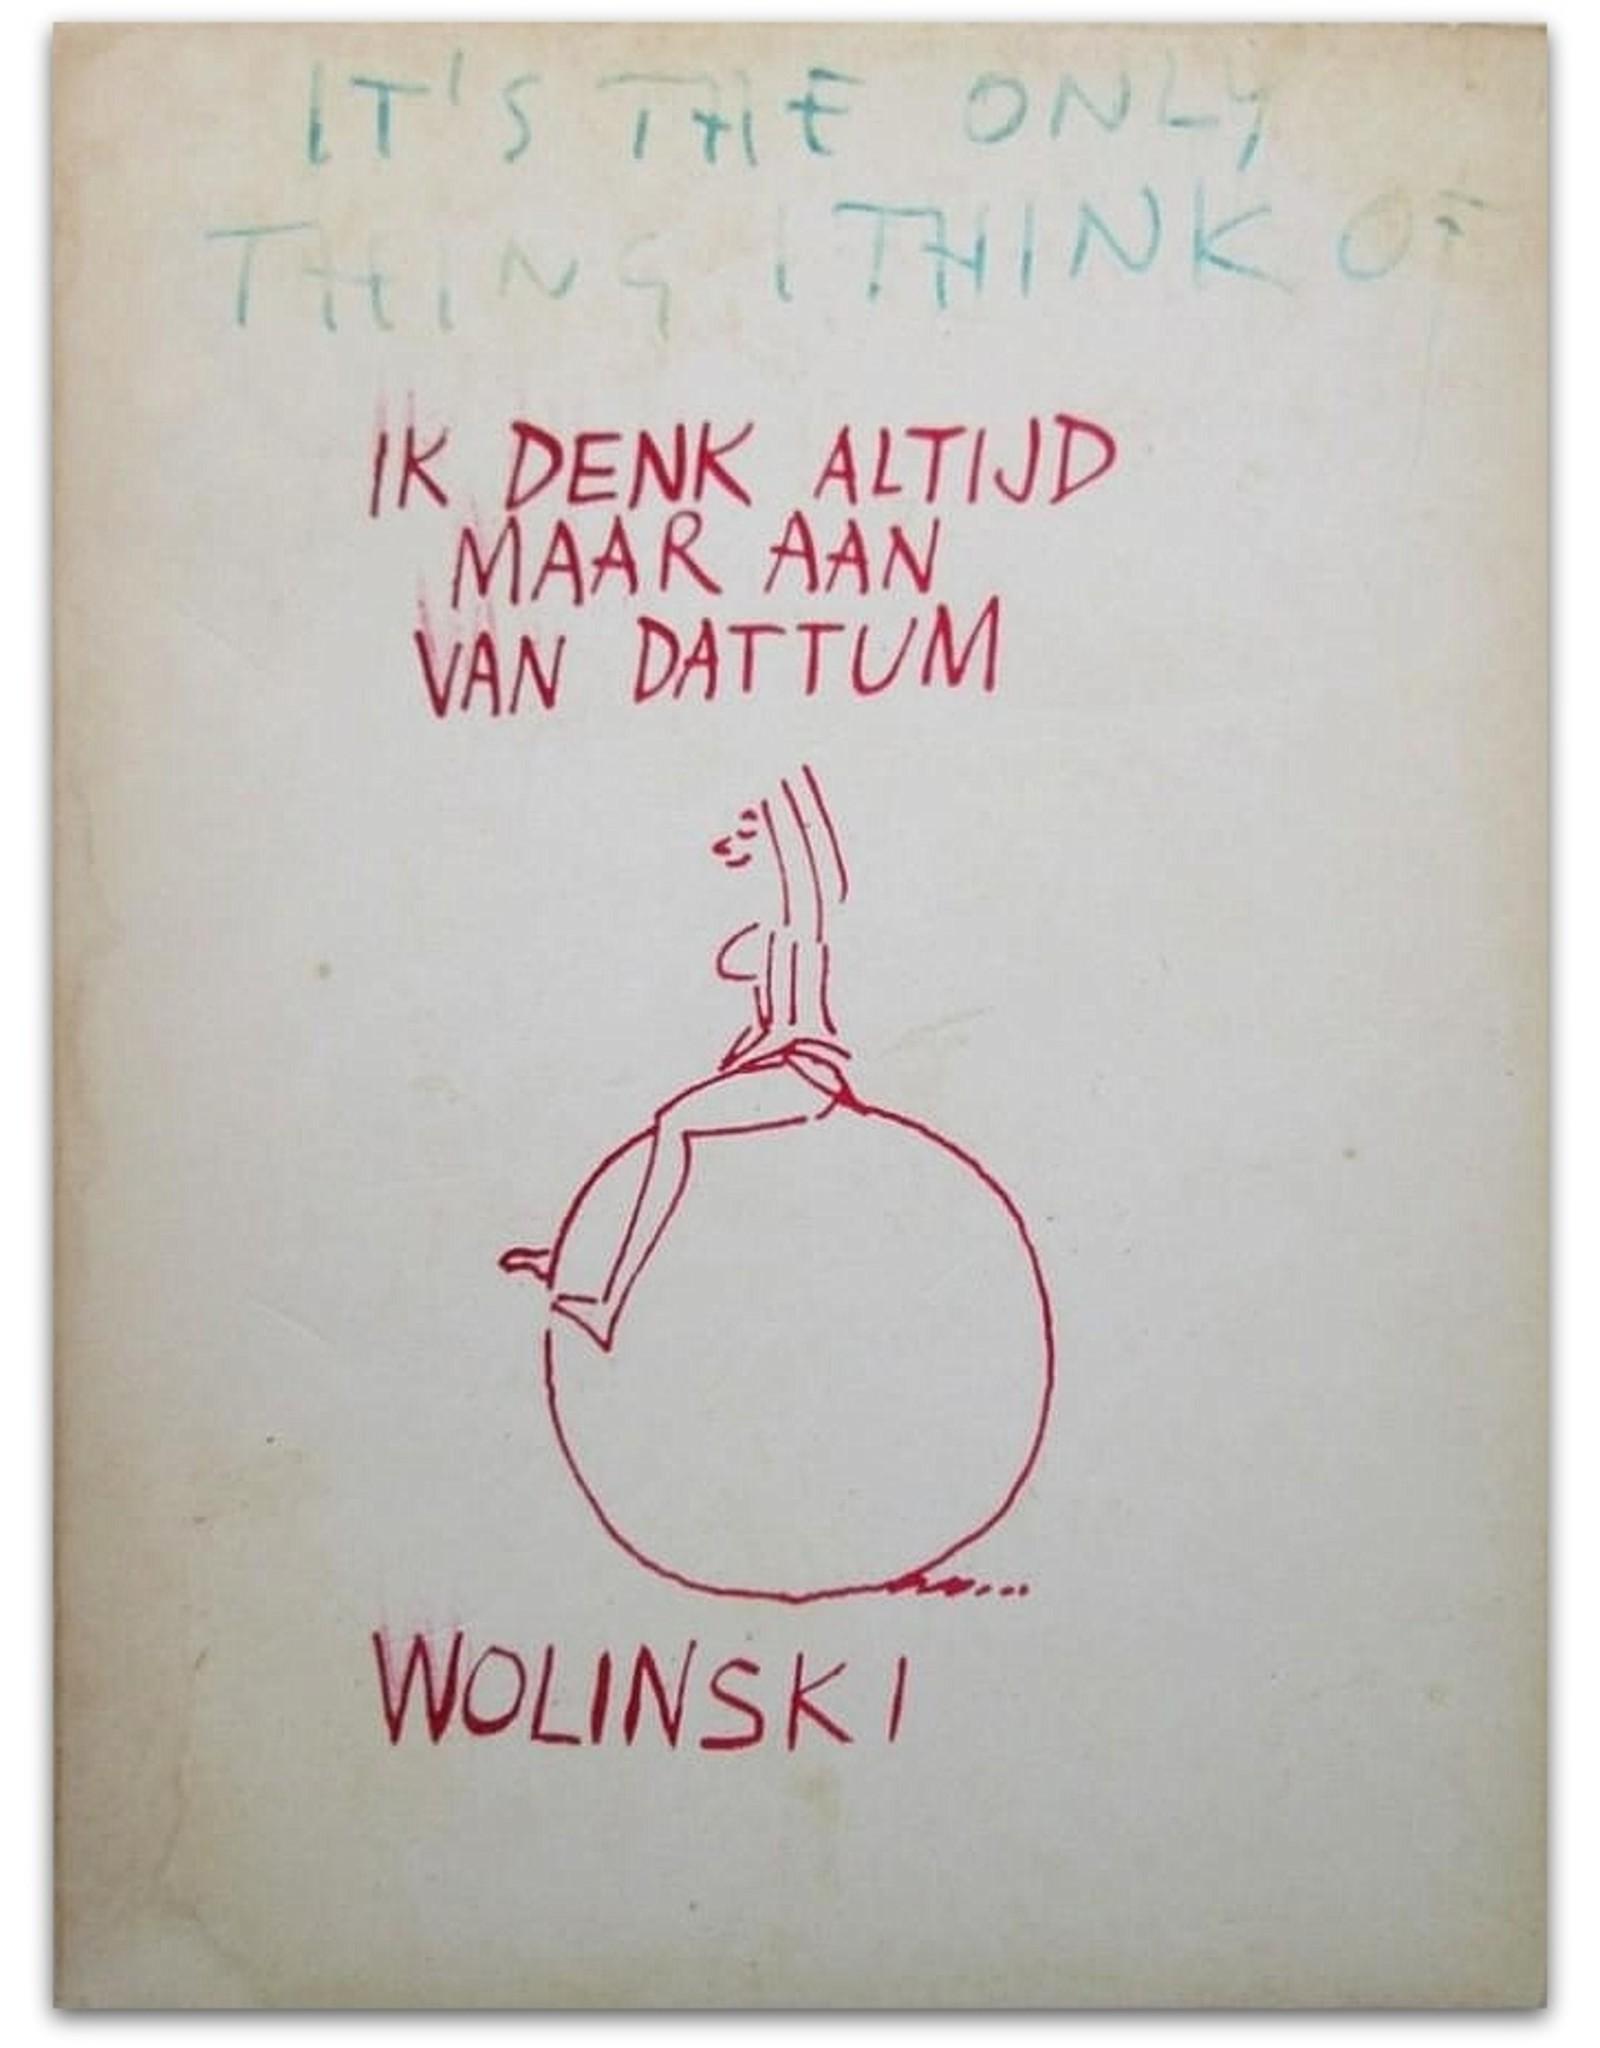 Wolinski - Ik denk altijd maar aan van dattum